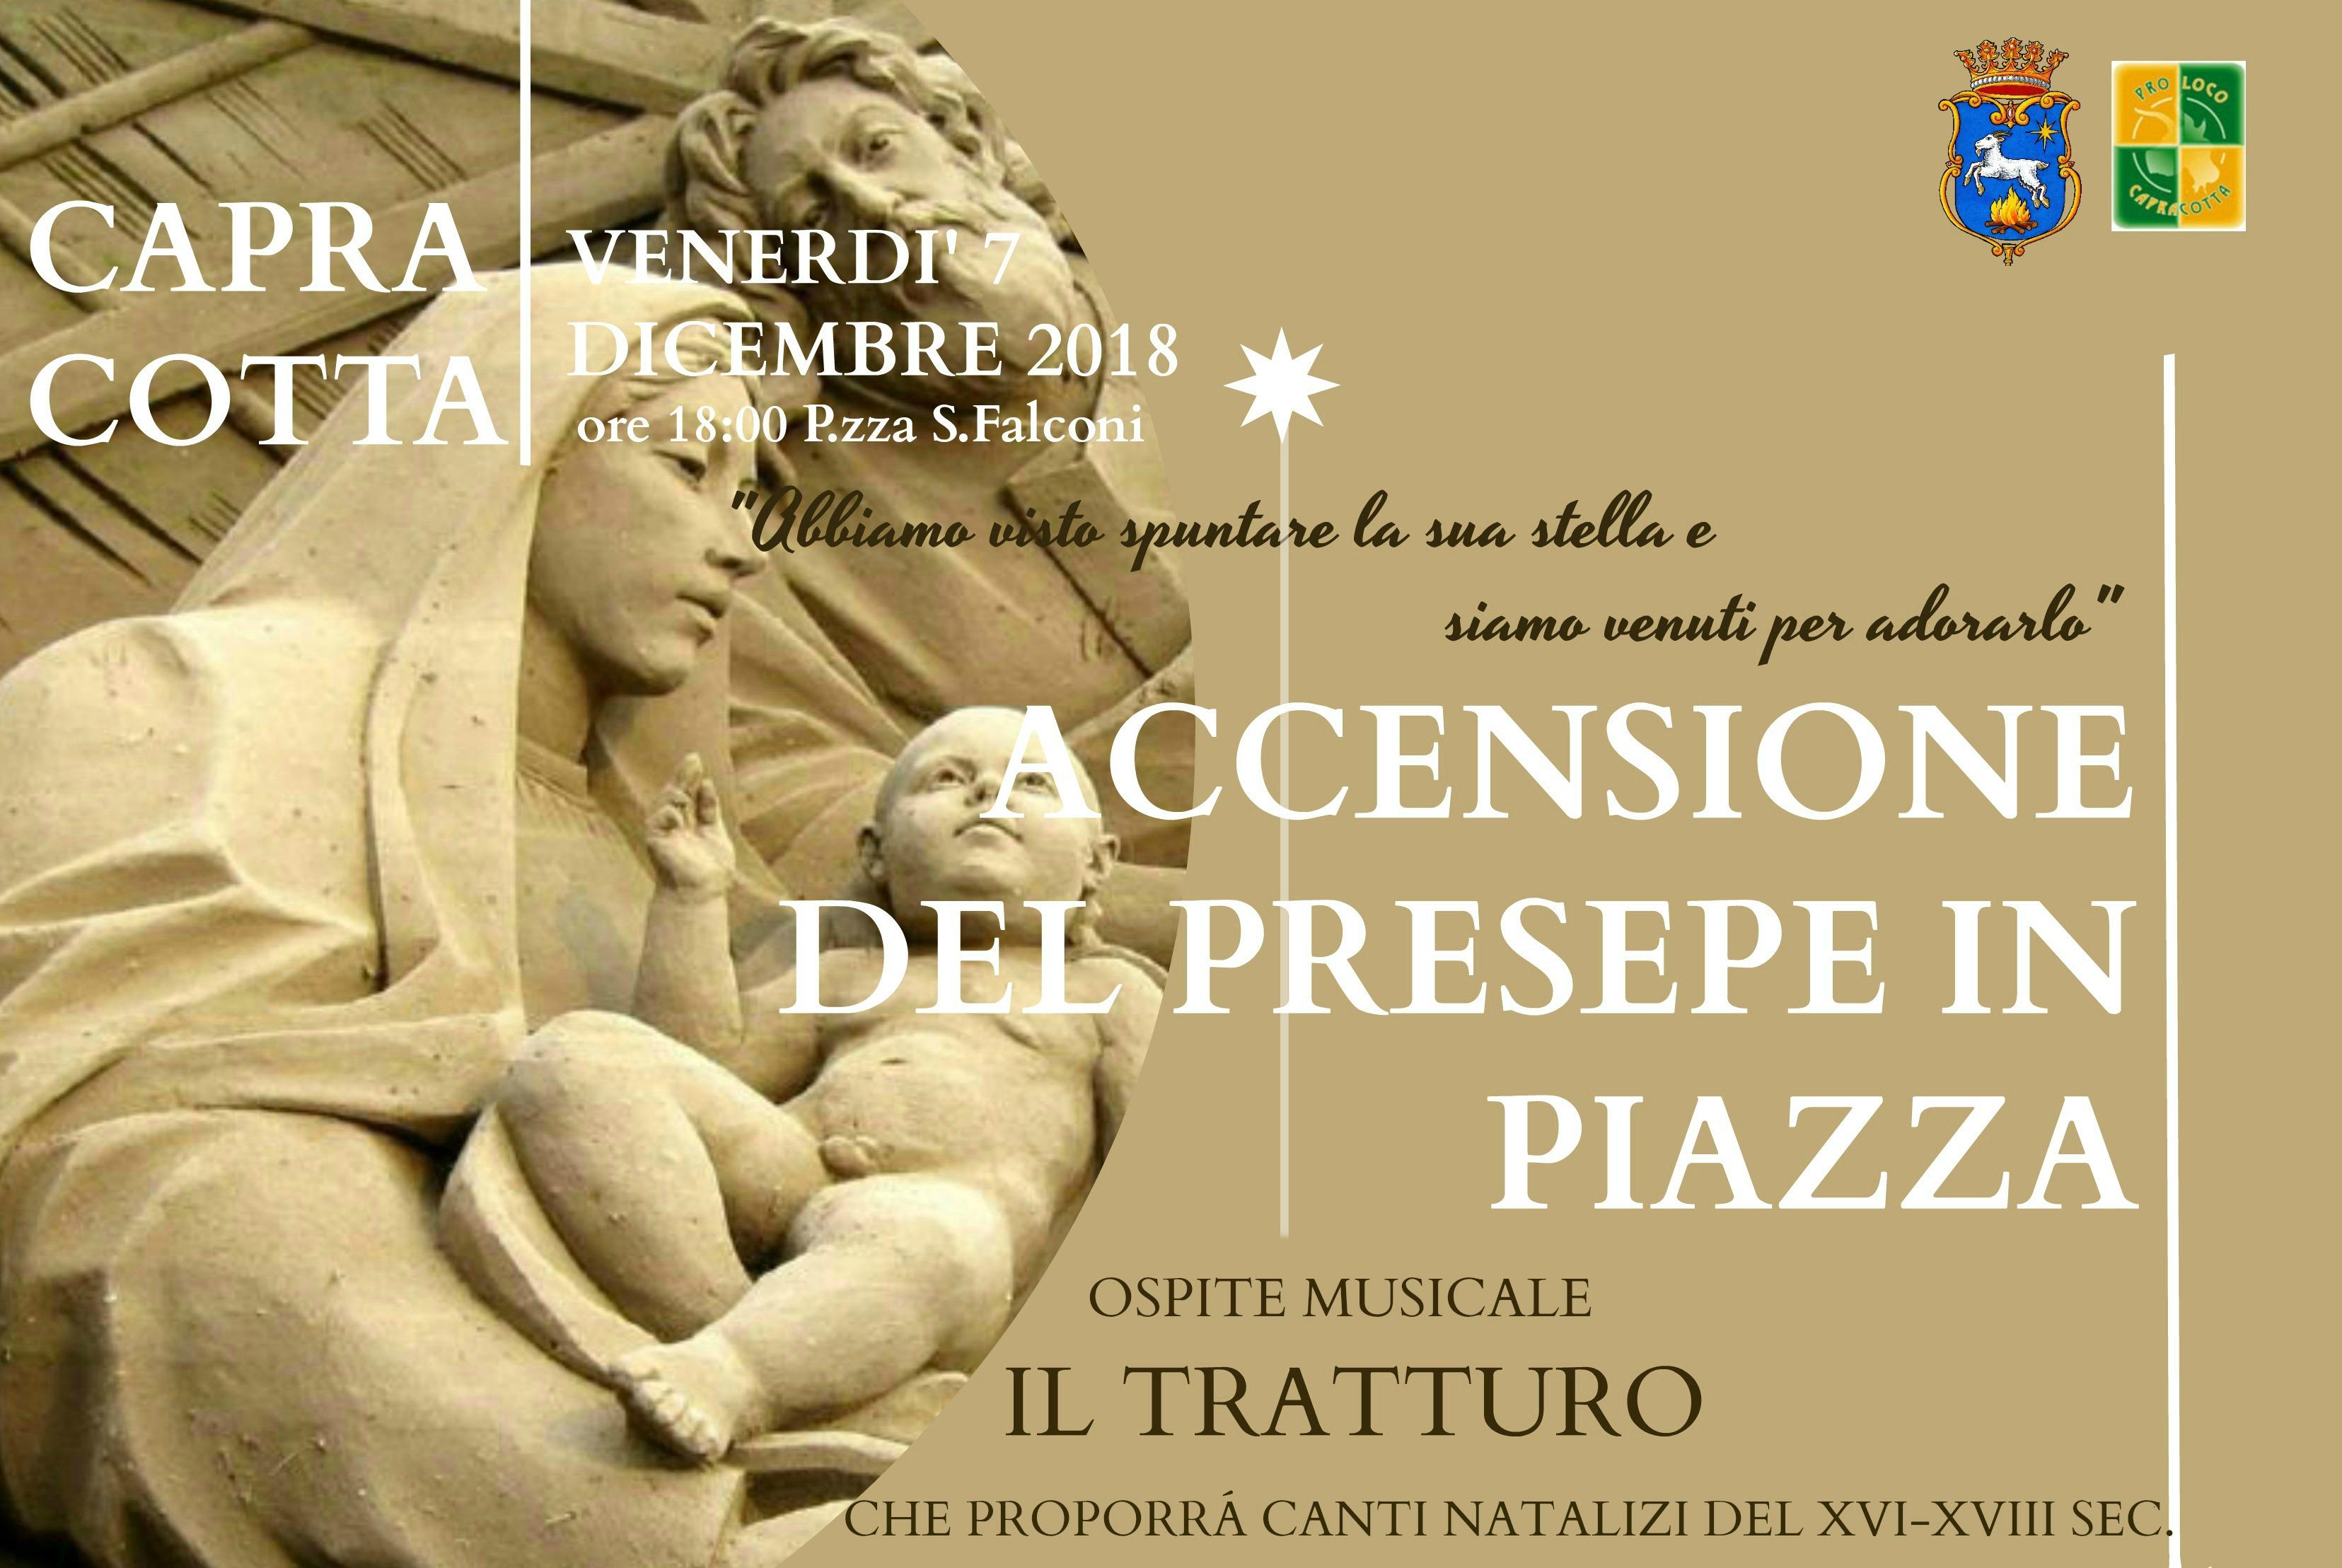 Accensione del Presepe in Piazza 7 Dicembre 2018